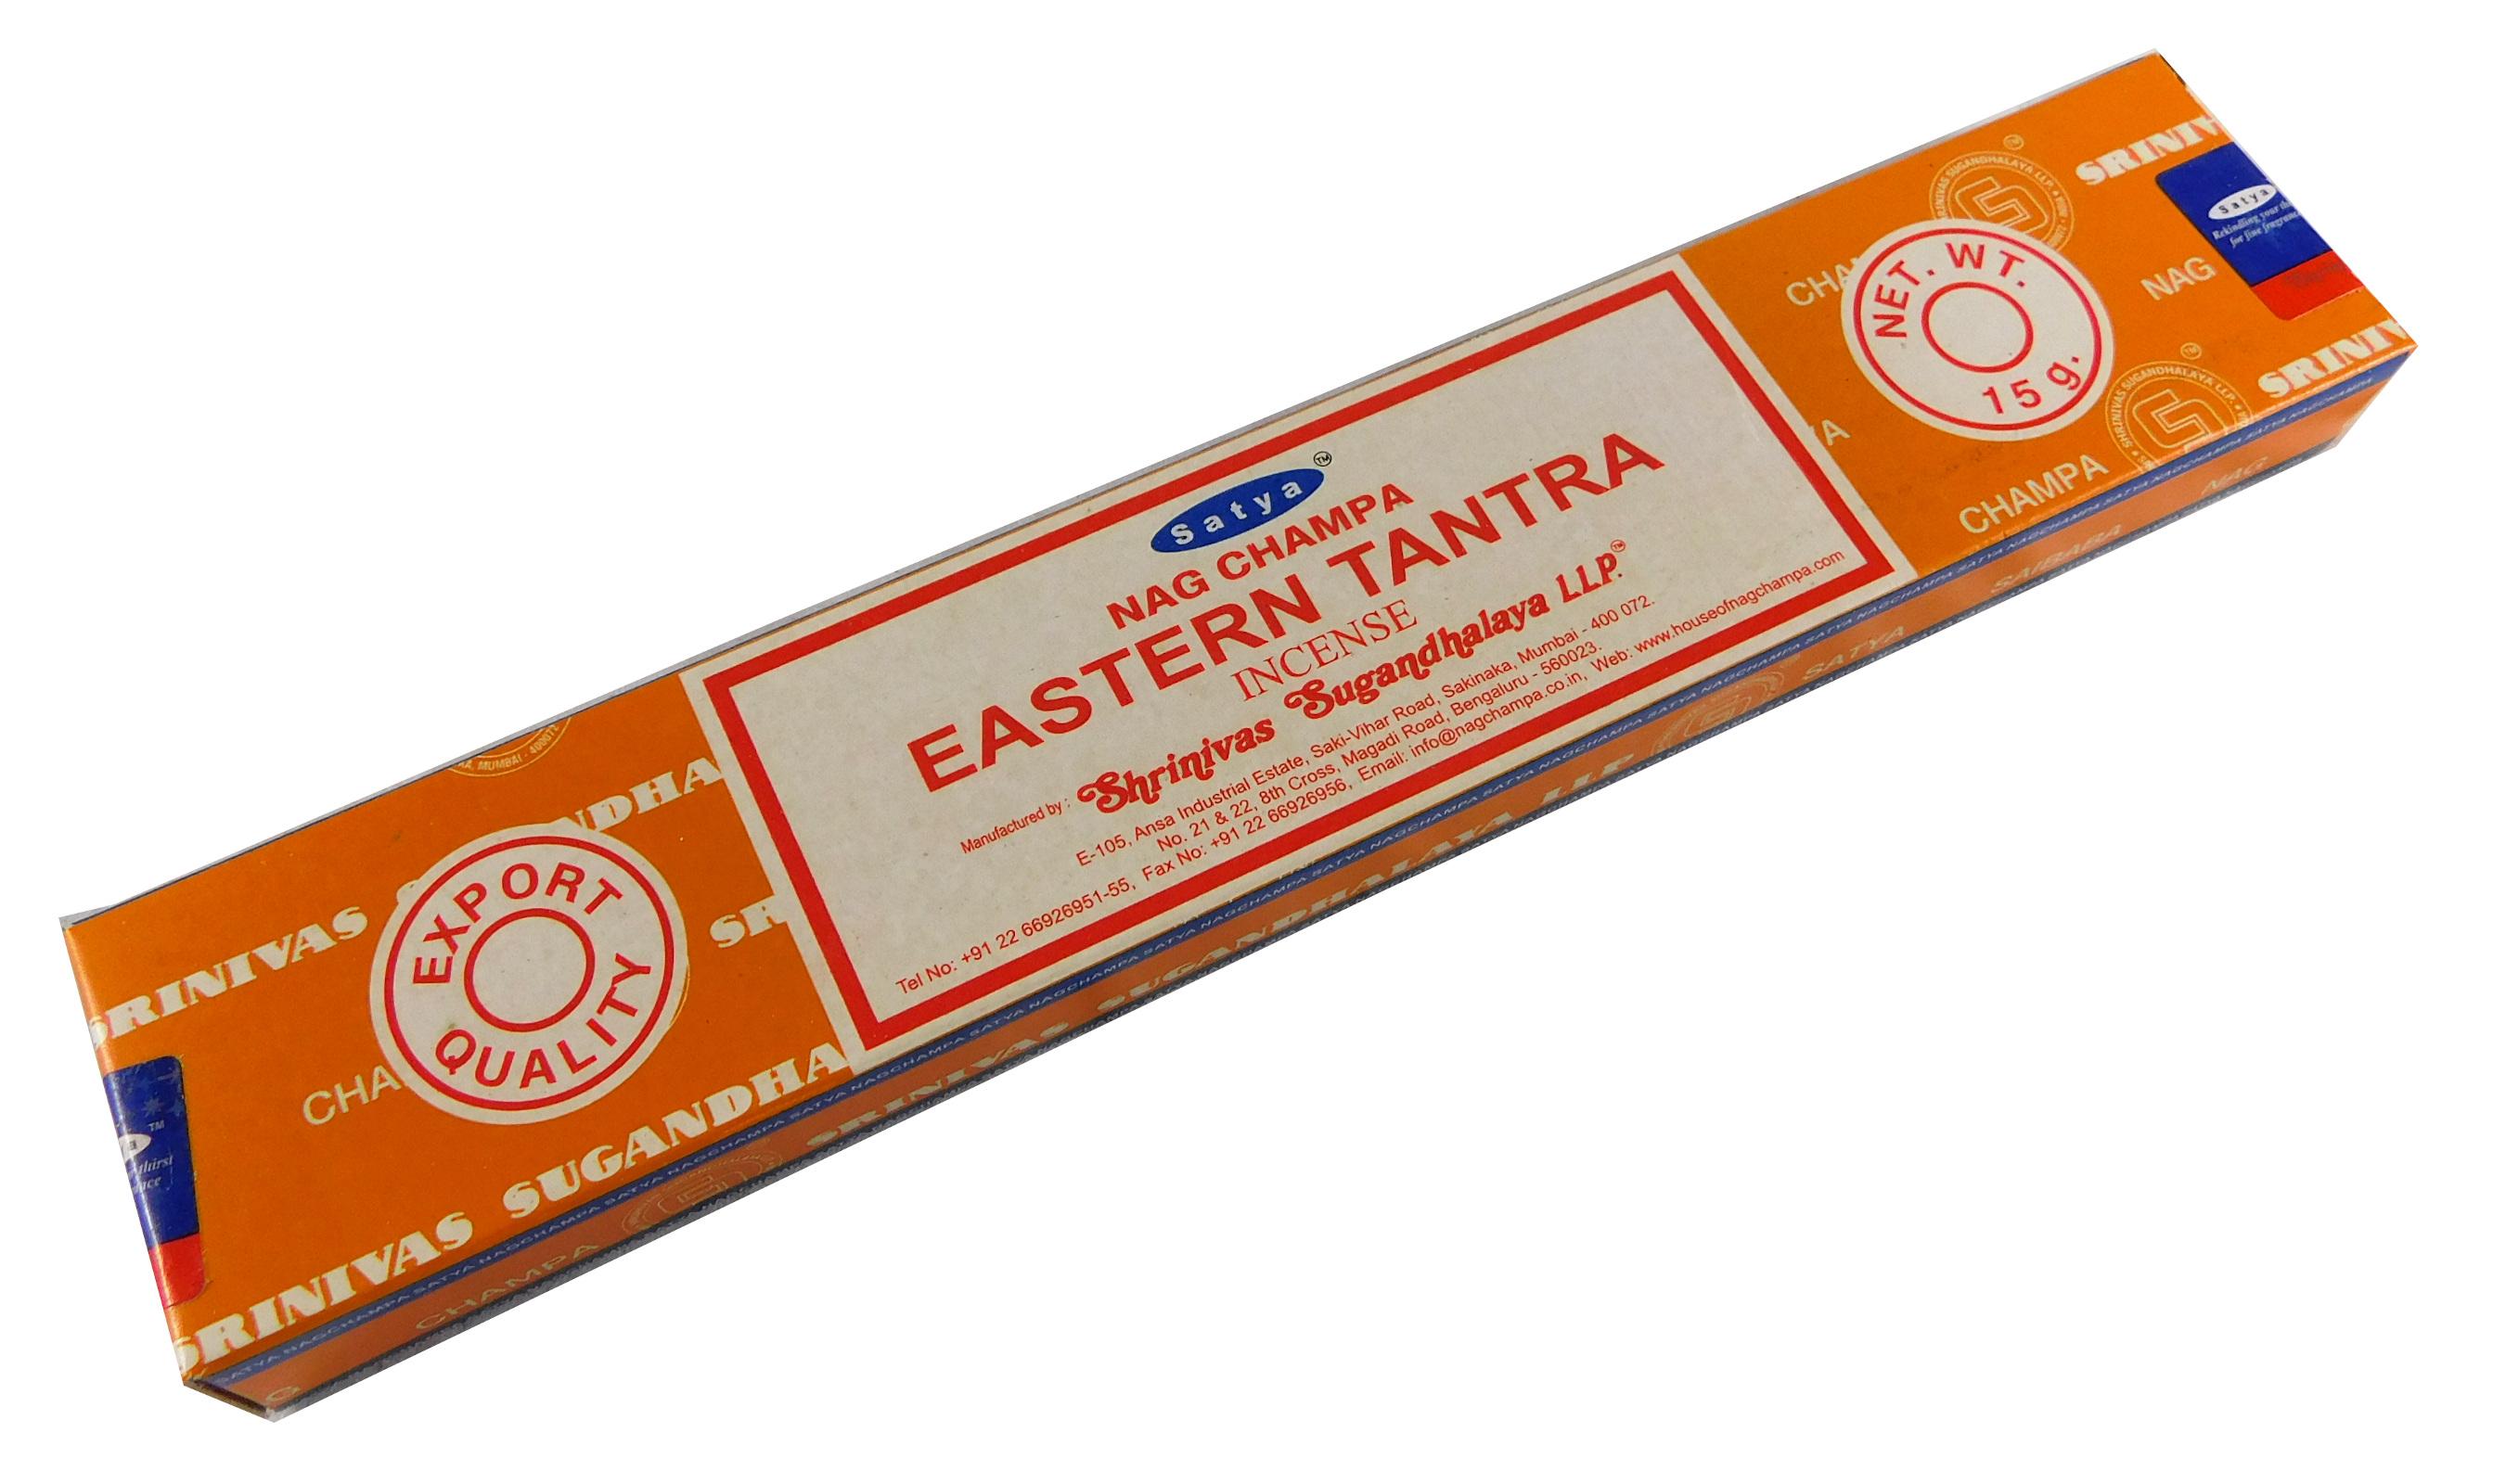 Räucherstäbchen Eastern Tantra von Satya 15g Packung. Ca. 15 Incence Sticks